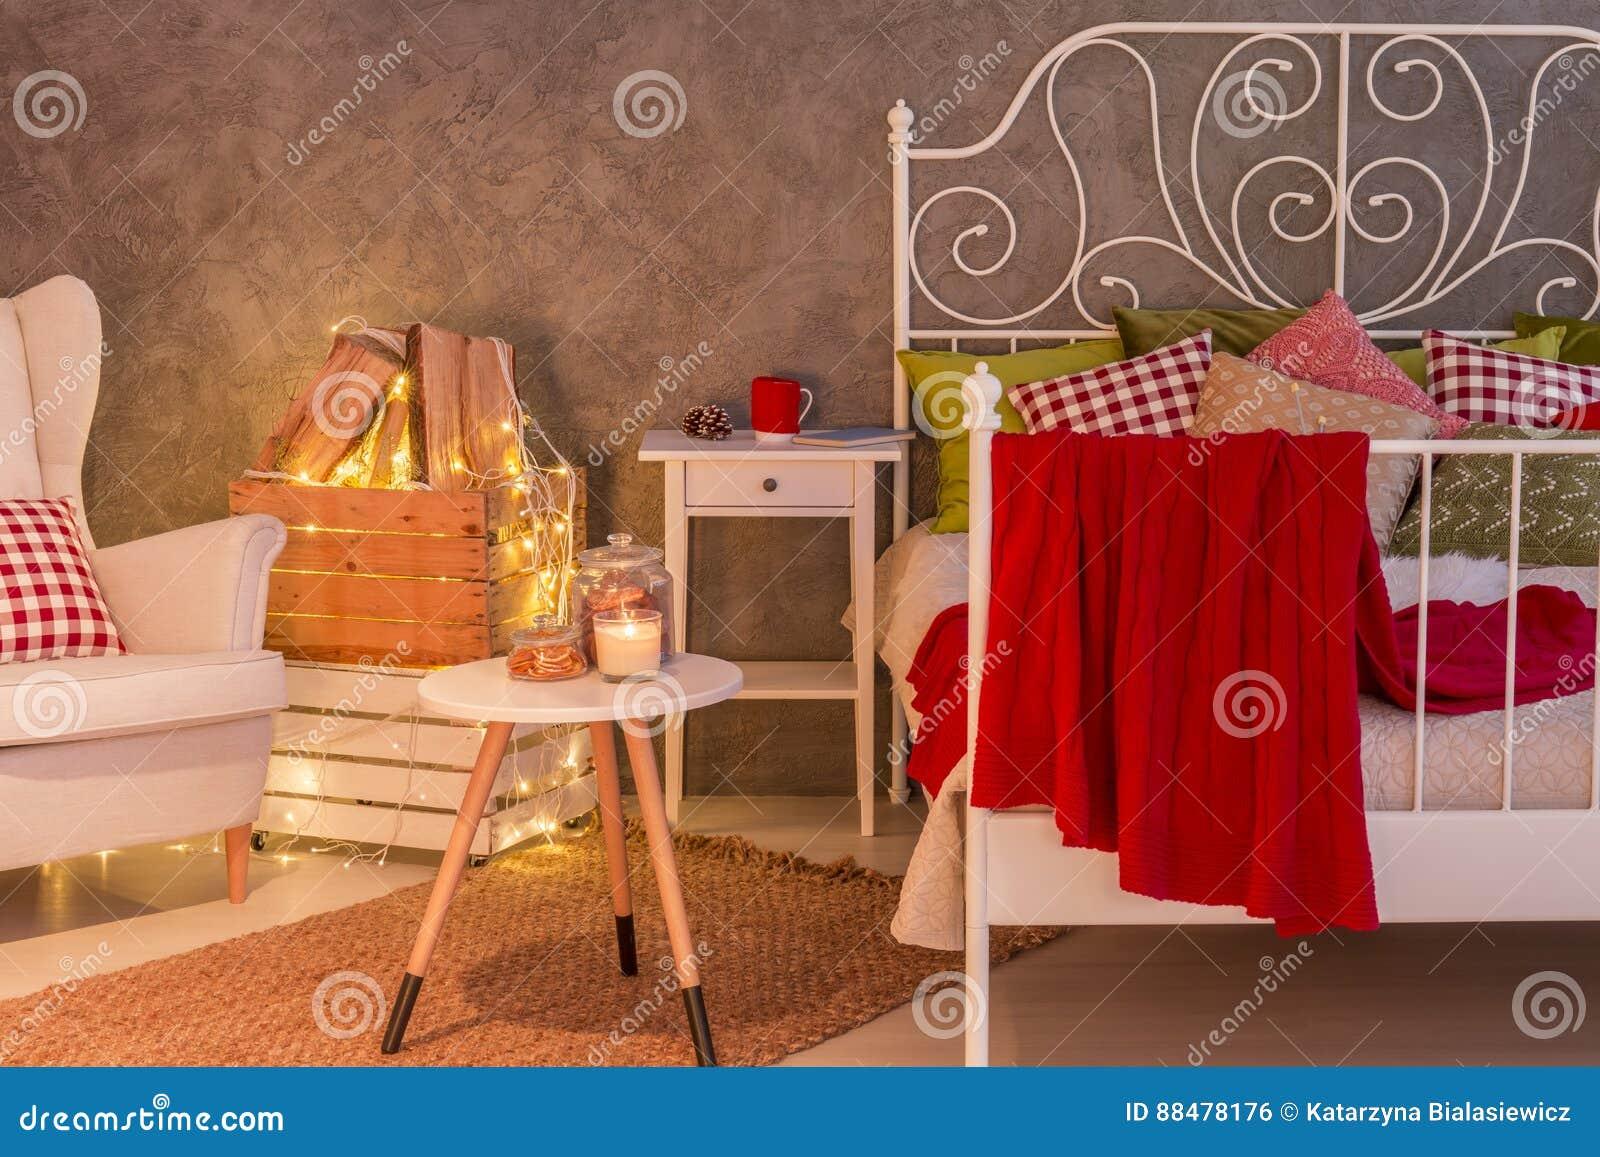 Modieuze slaapkamer met kaarsen